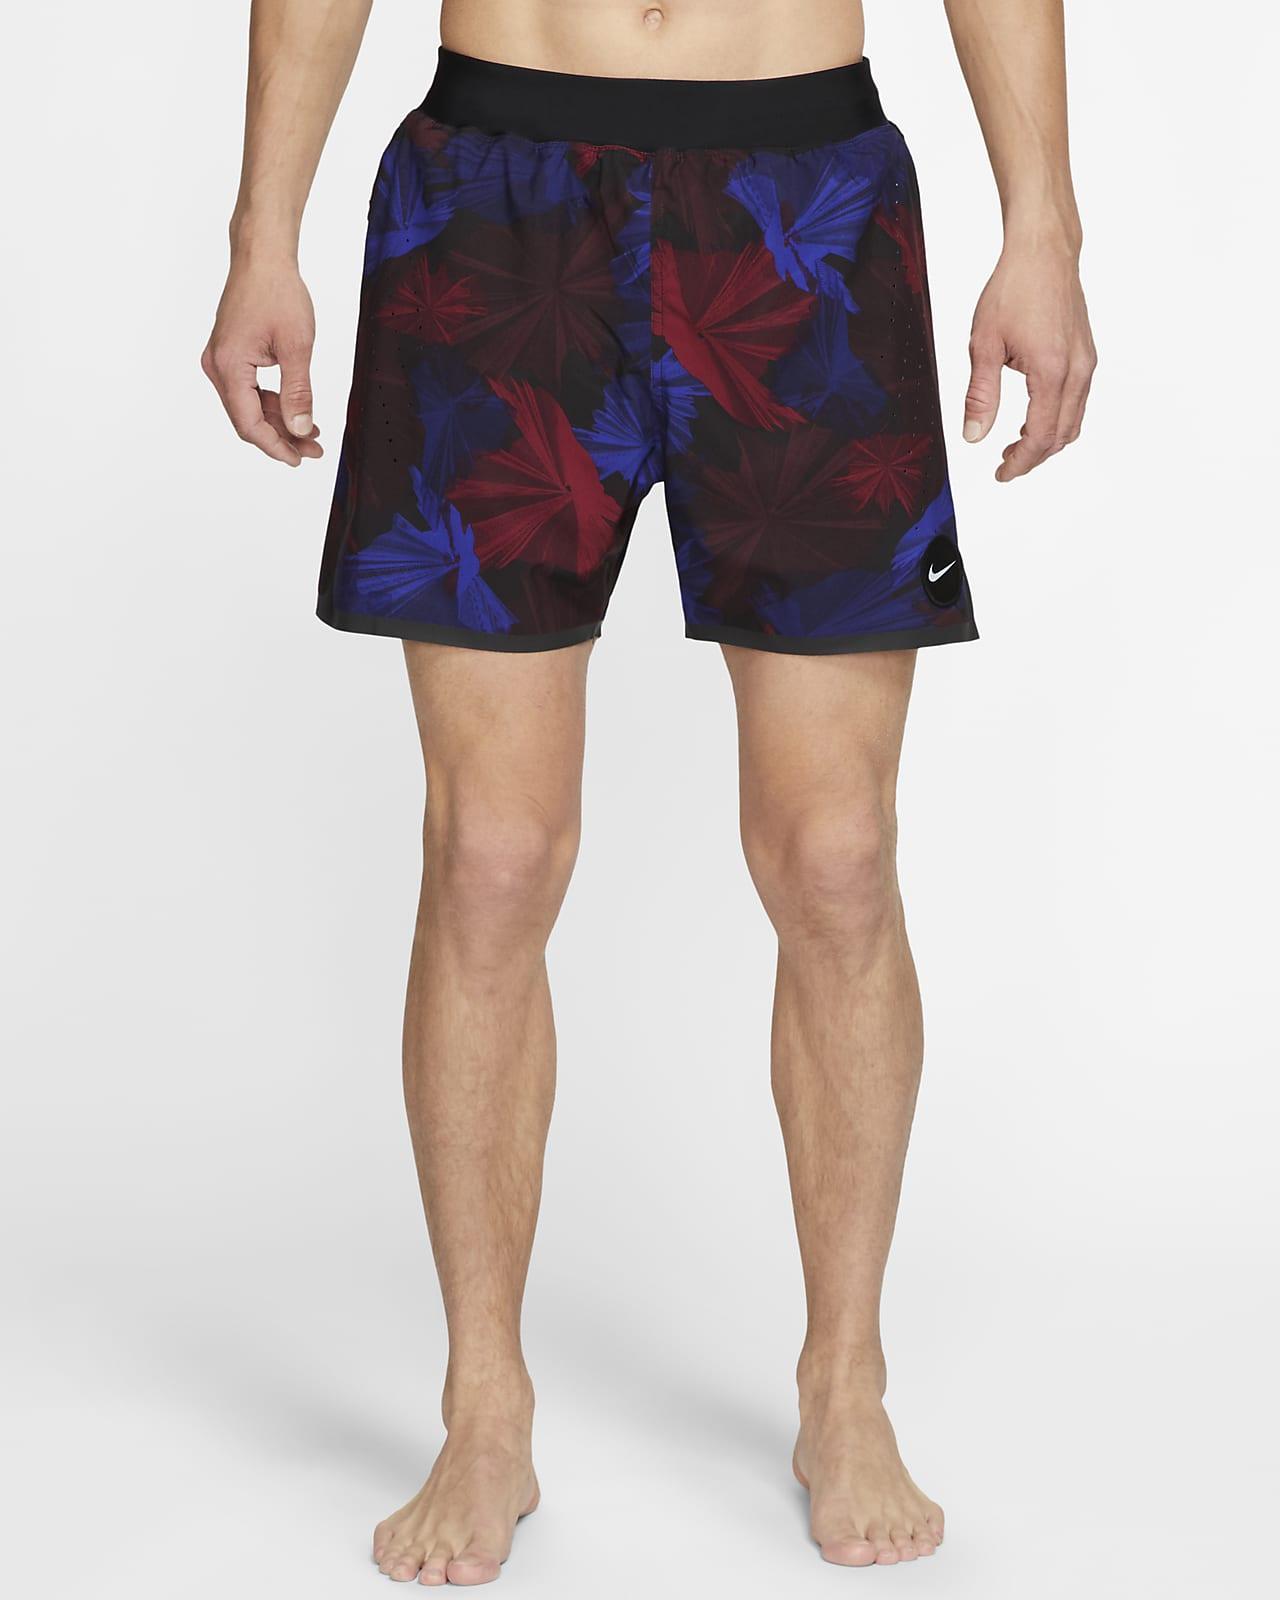 Nike Global Camo Blade 13 cm-es férfi röplabda-rövidnadrág